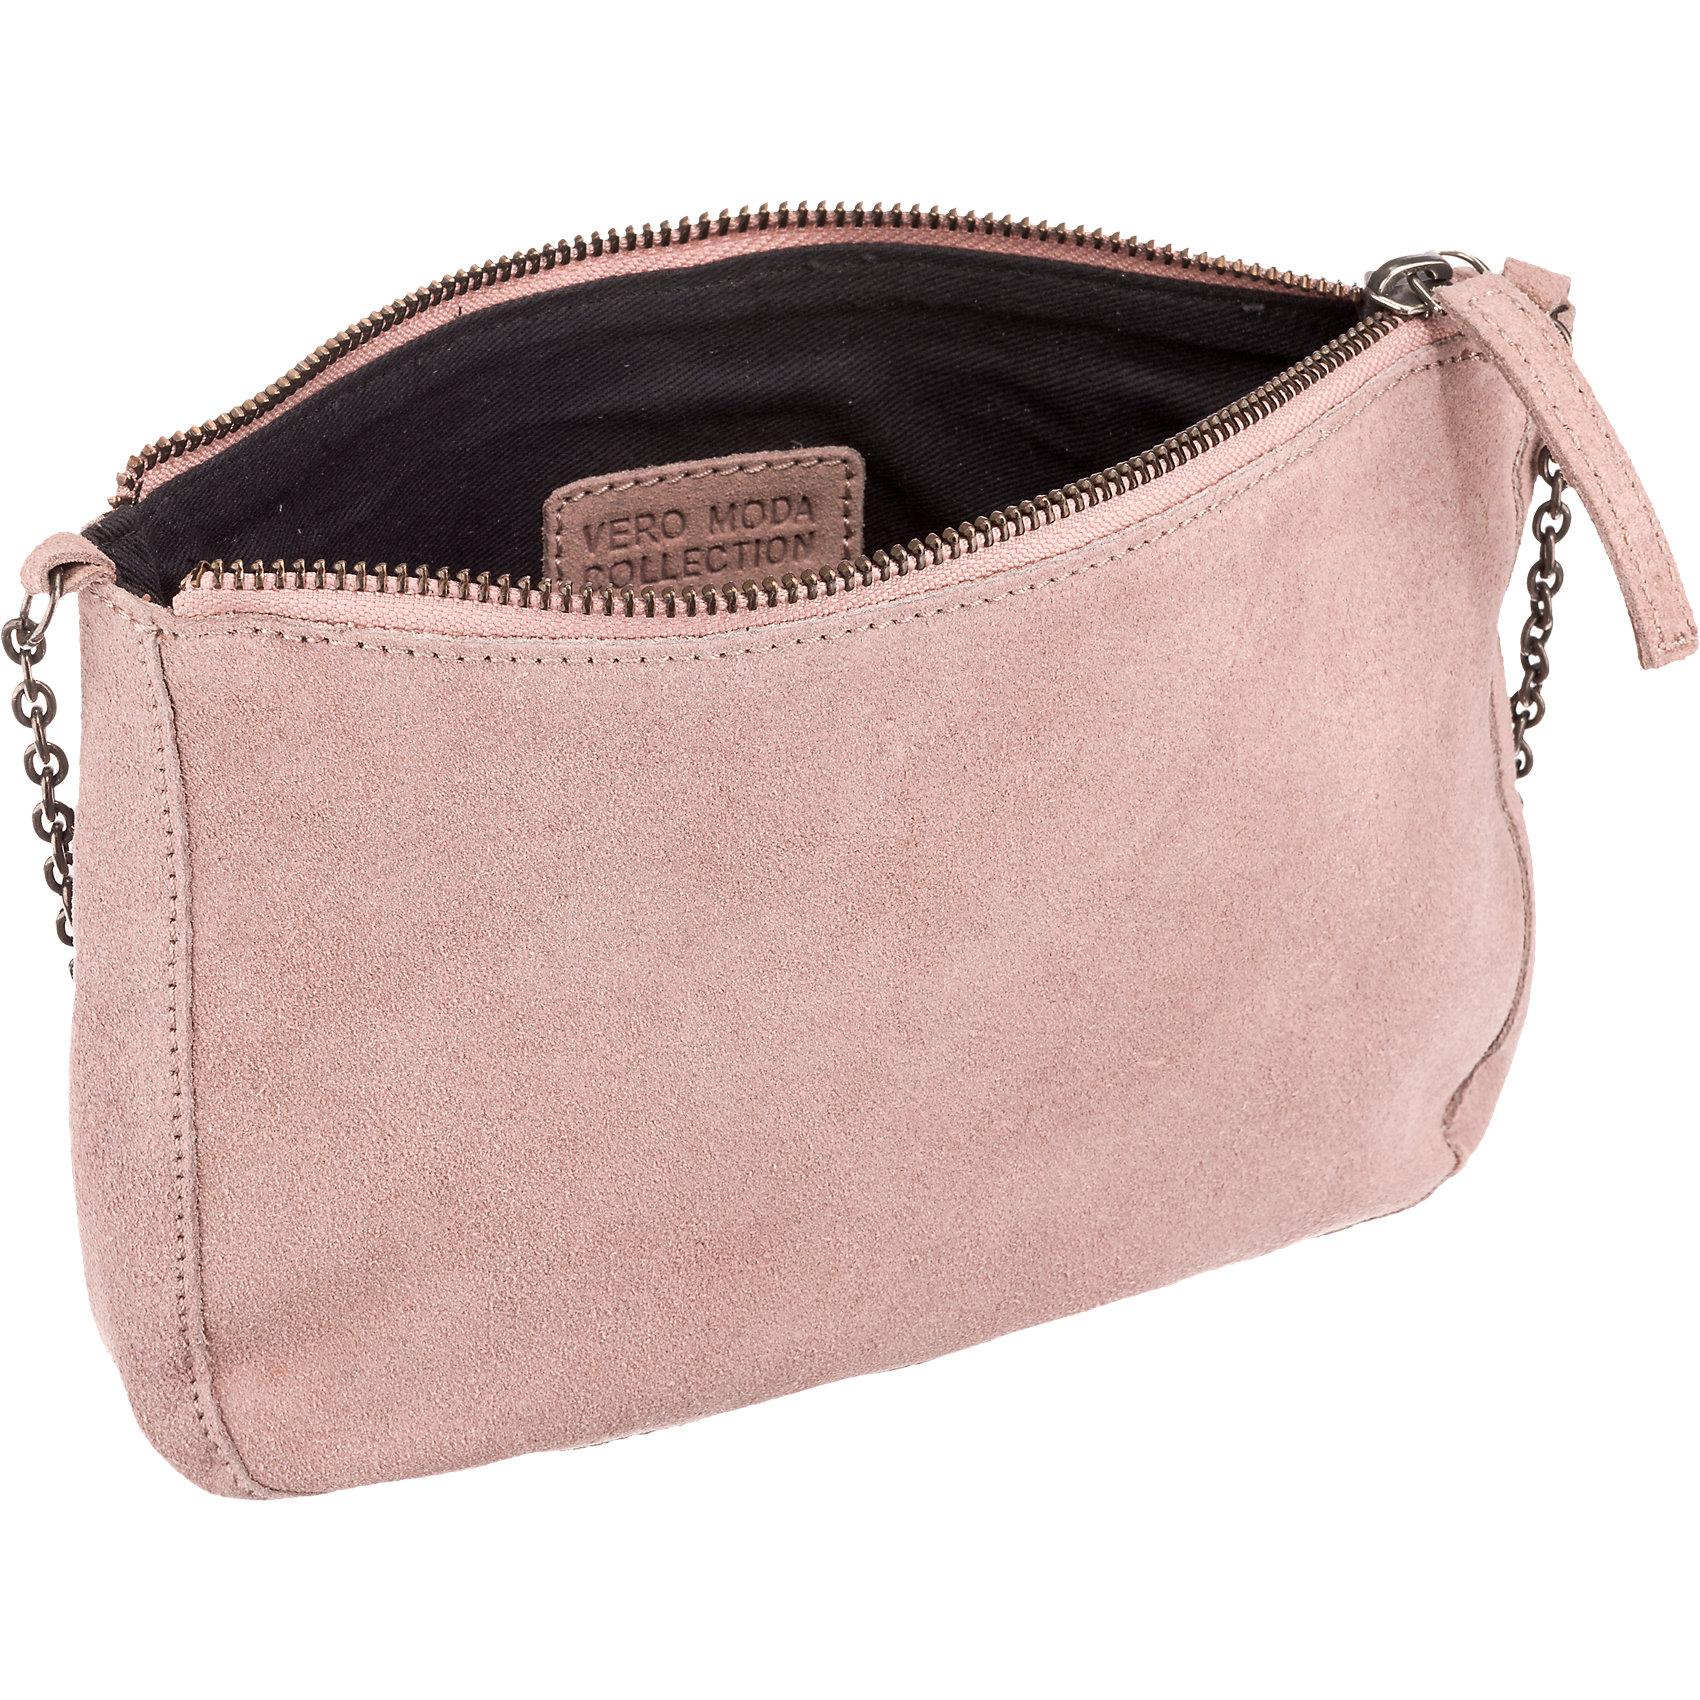 Neu-Vero-Moda-Handtasche-rosa-schwarz-5703124